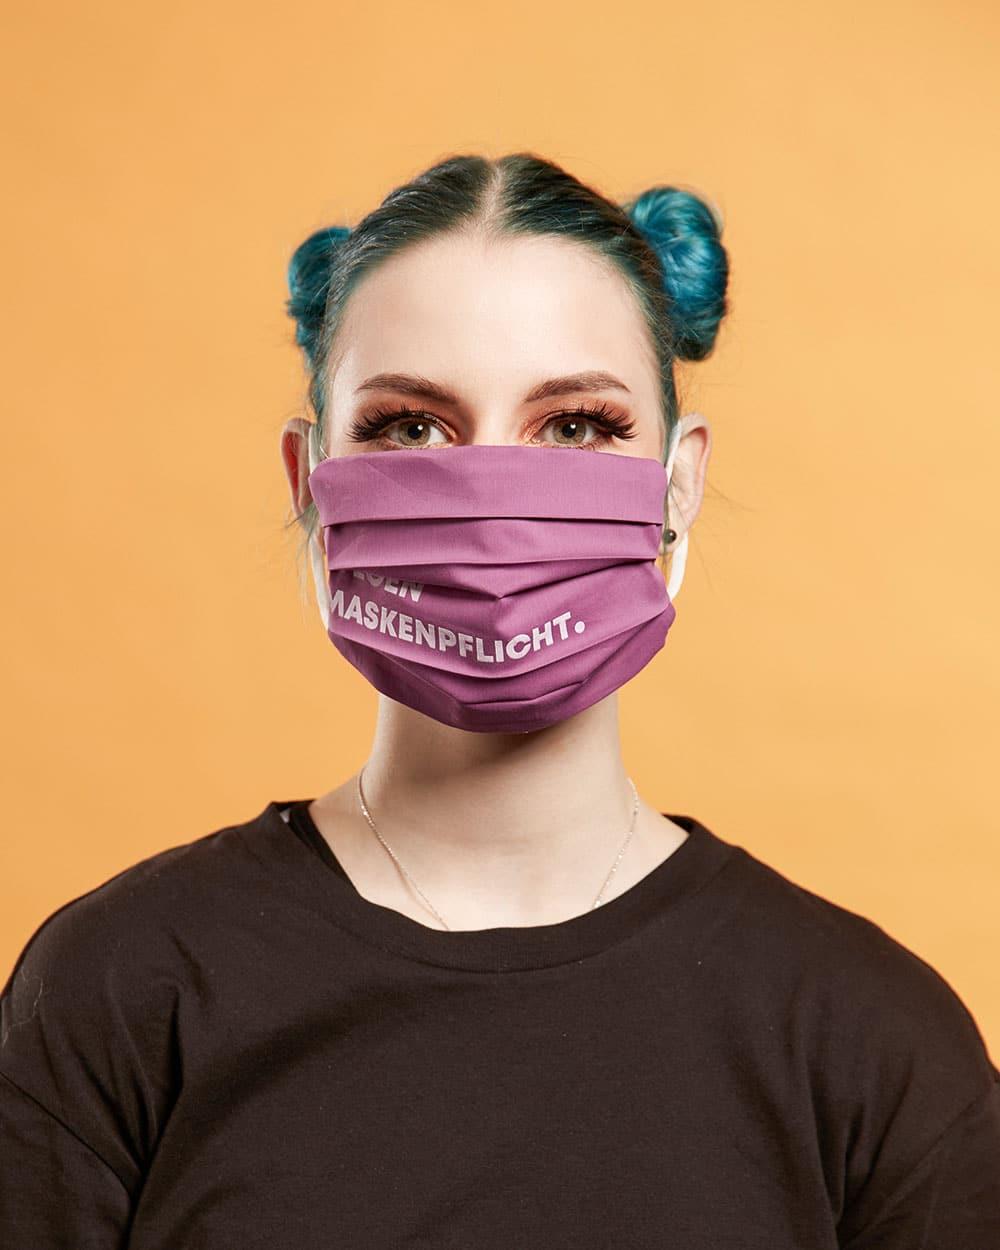 UE-Studentin Lisa Groos trägt das Maskendesign von Miguel Ribeiro Da Saude